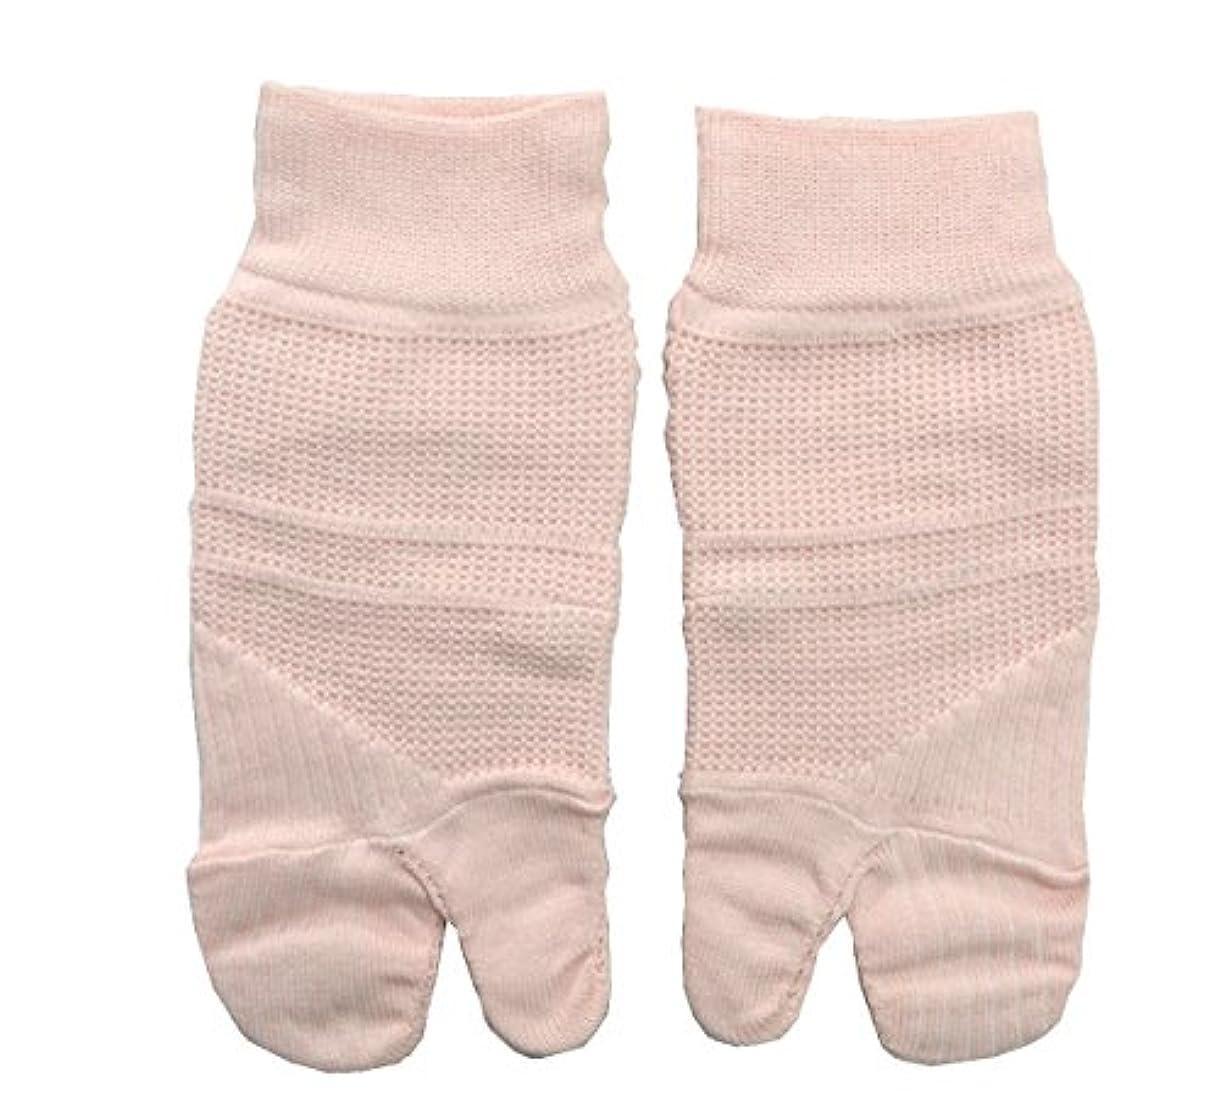 所有権を通して期待する外反母趾対策靴下(通常タイプ) 着用後でもサイズ交換無料??着用後でも返品可